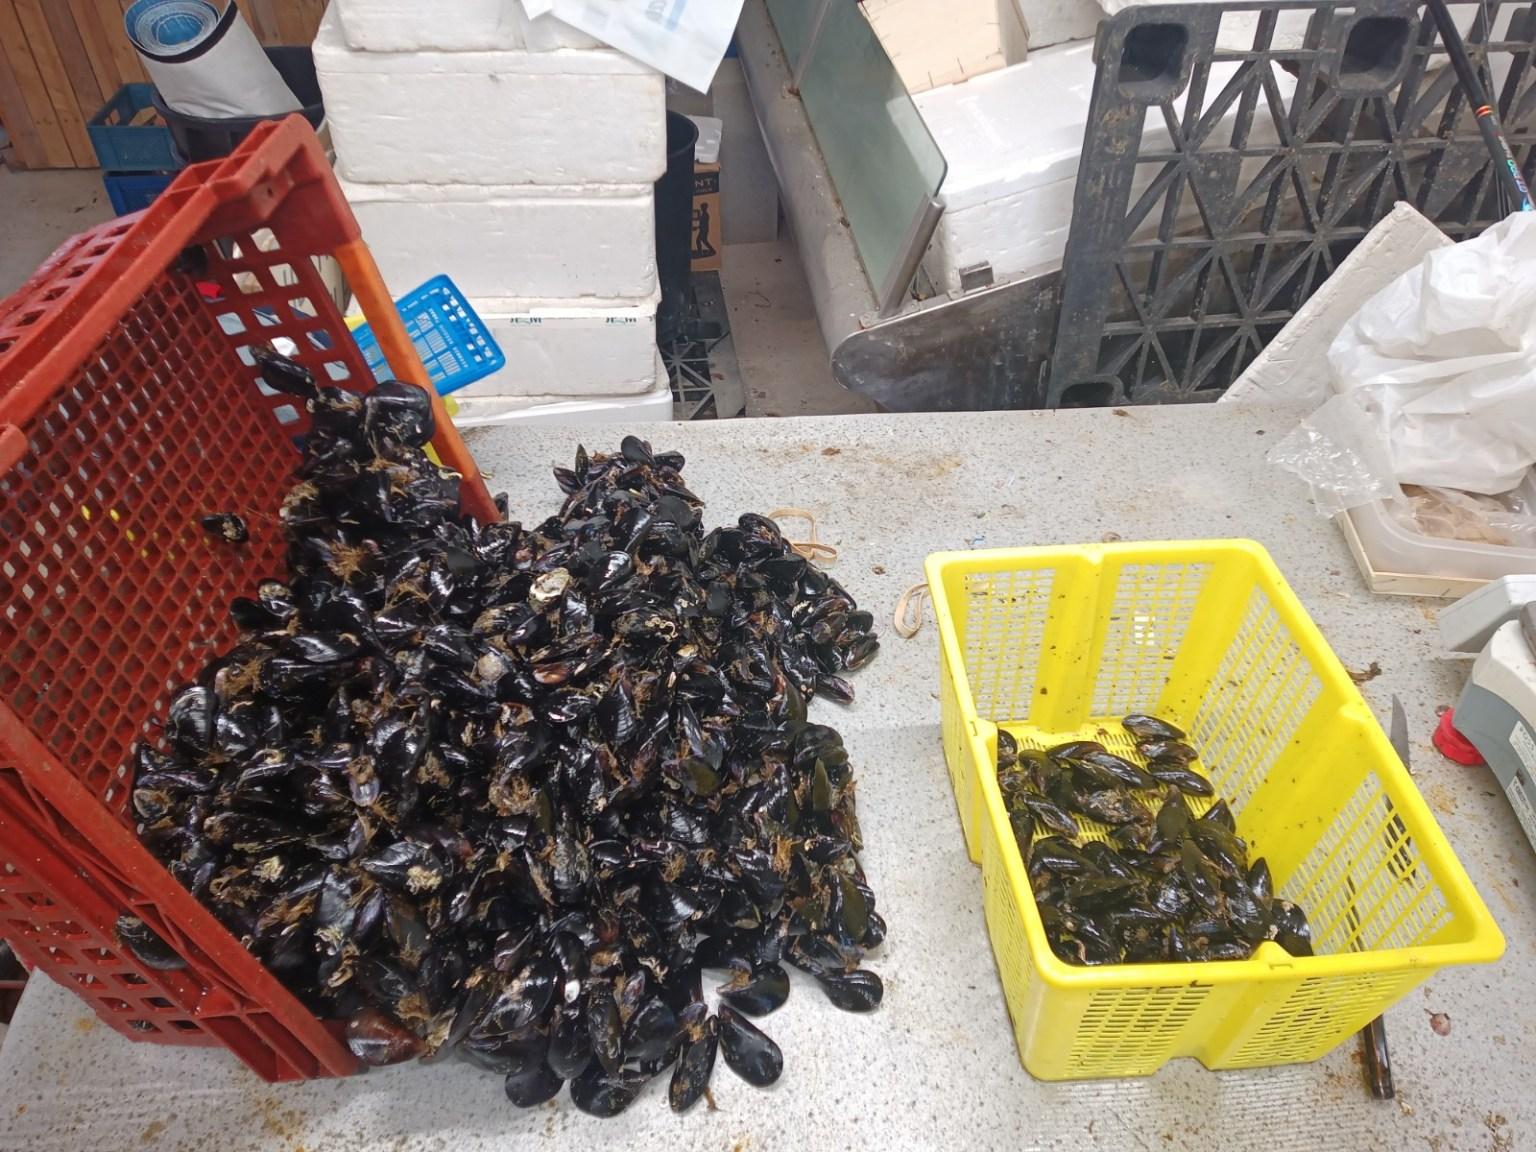 Nettoyage des moules de Bouzigues